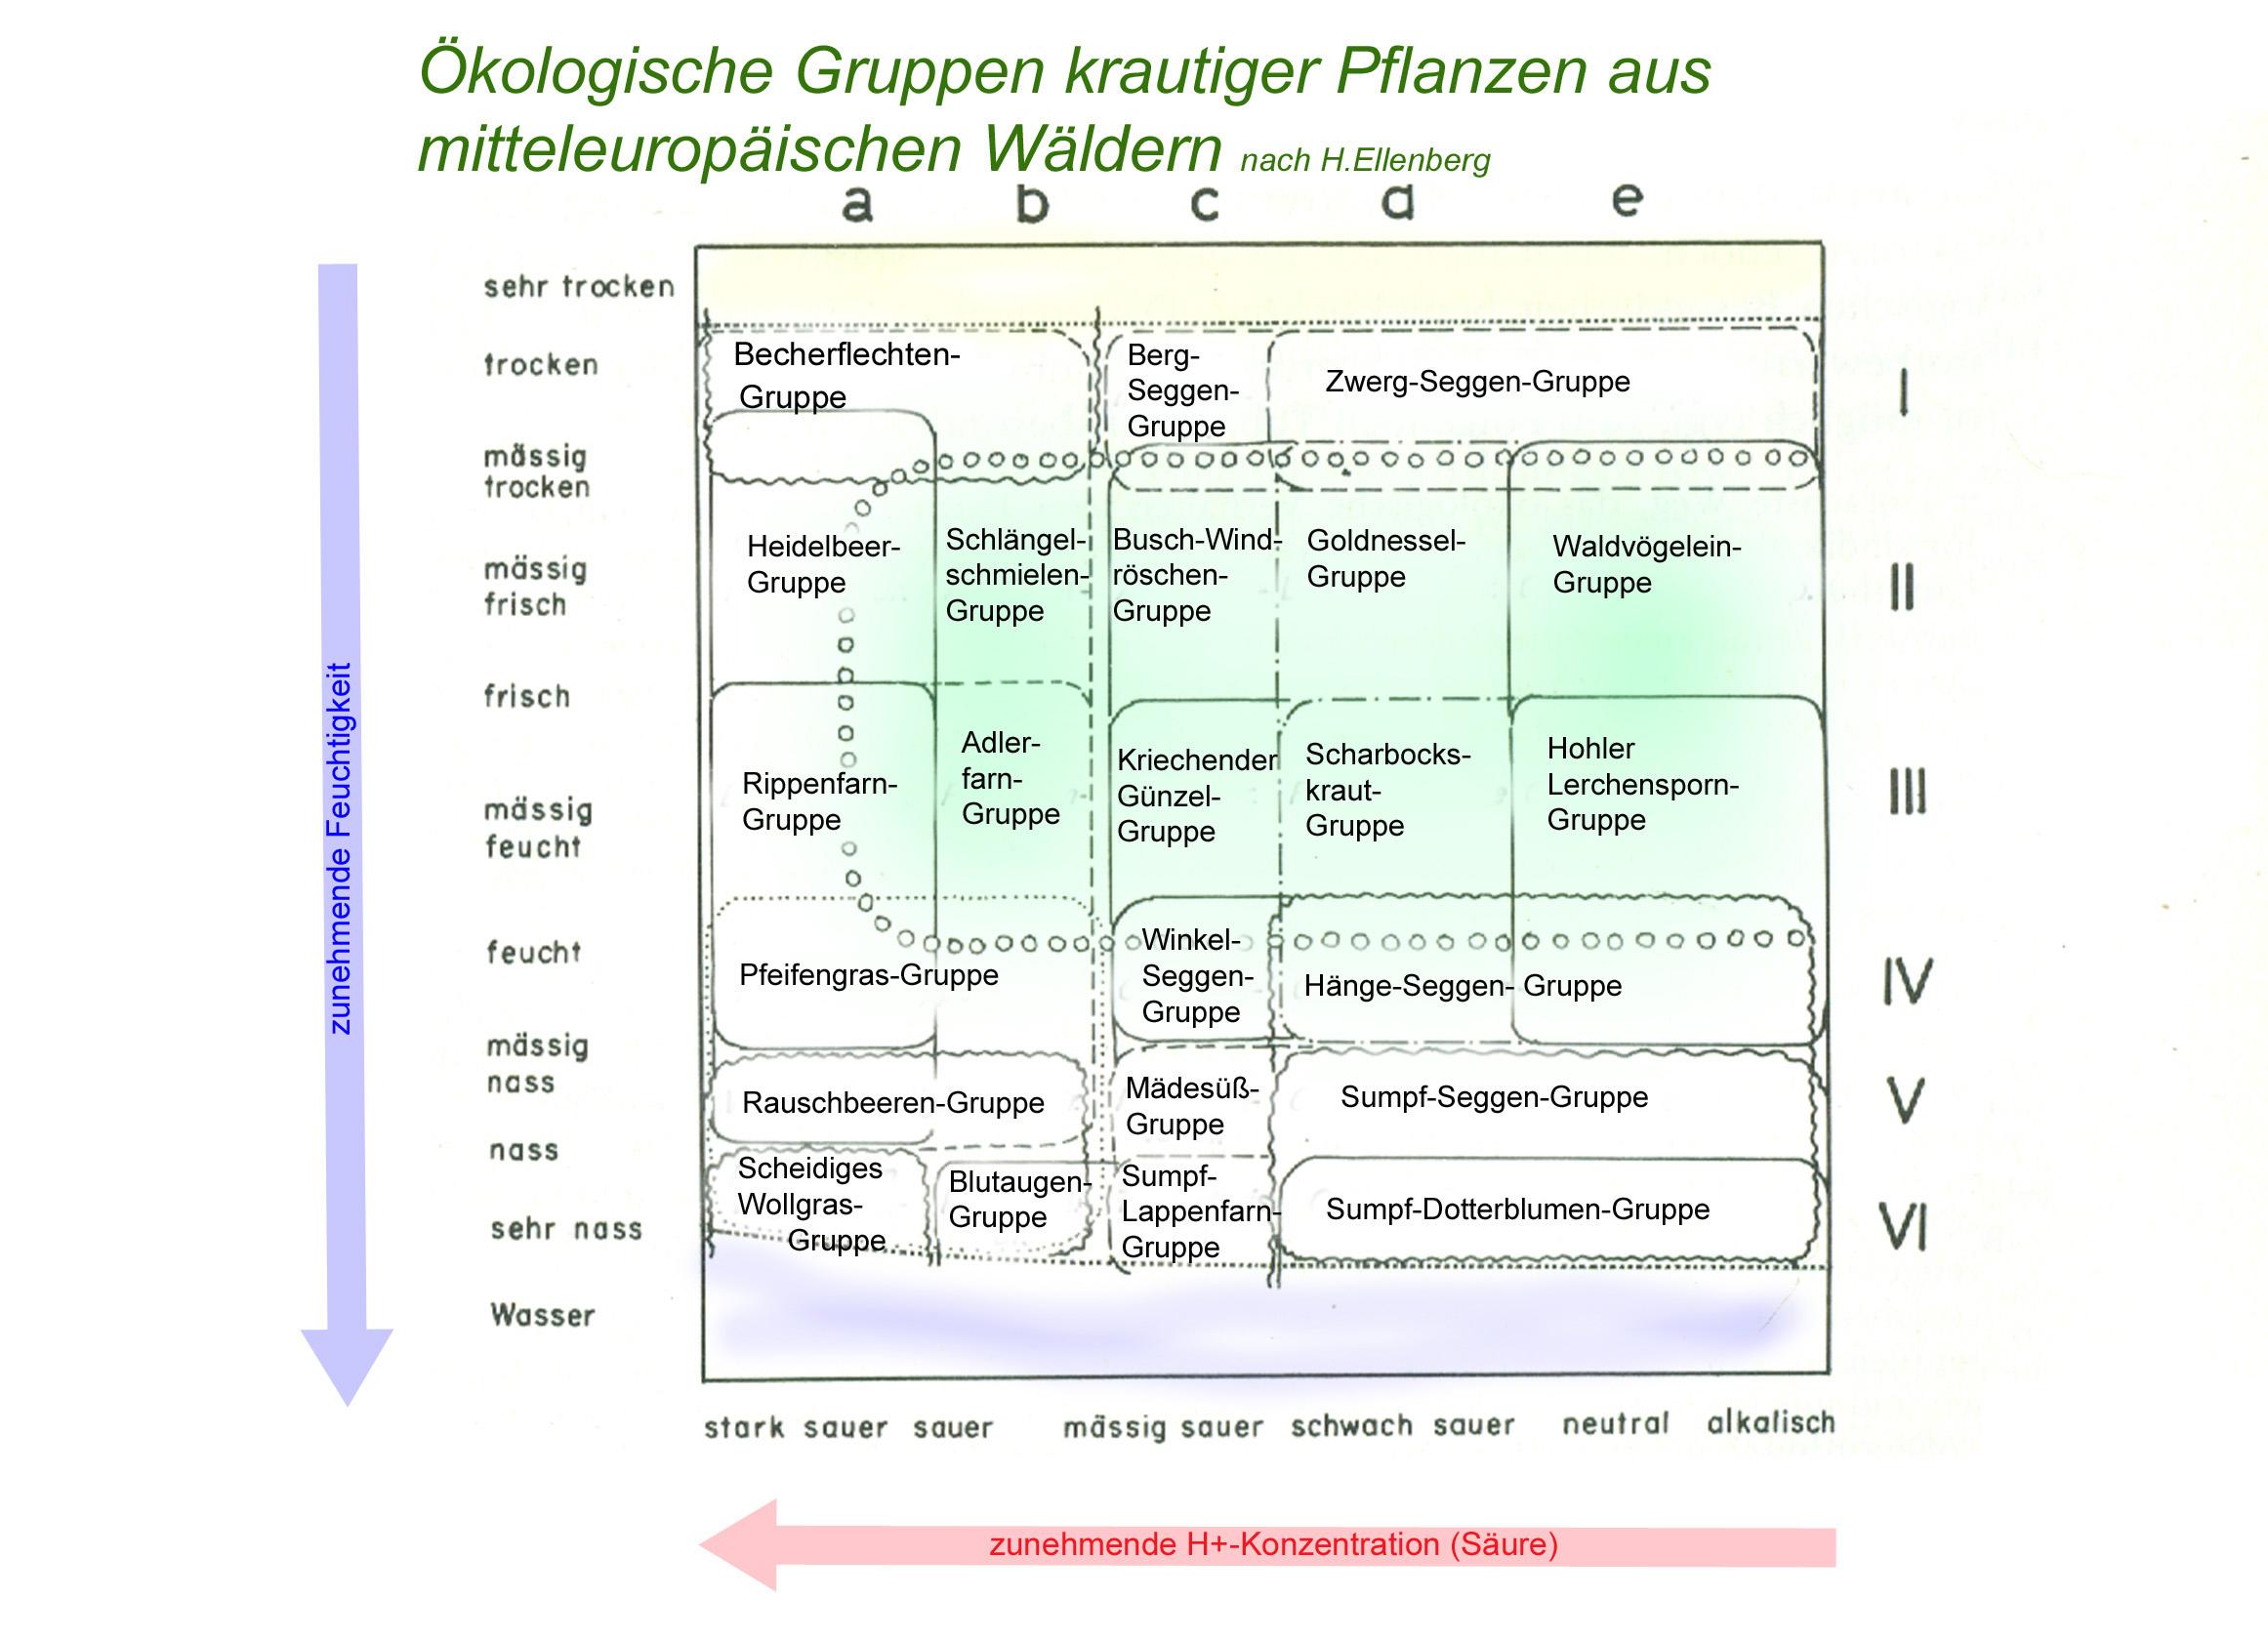 Ökologische Gruppen der Waldbodenpflanzen (nach H.Ellenberg)